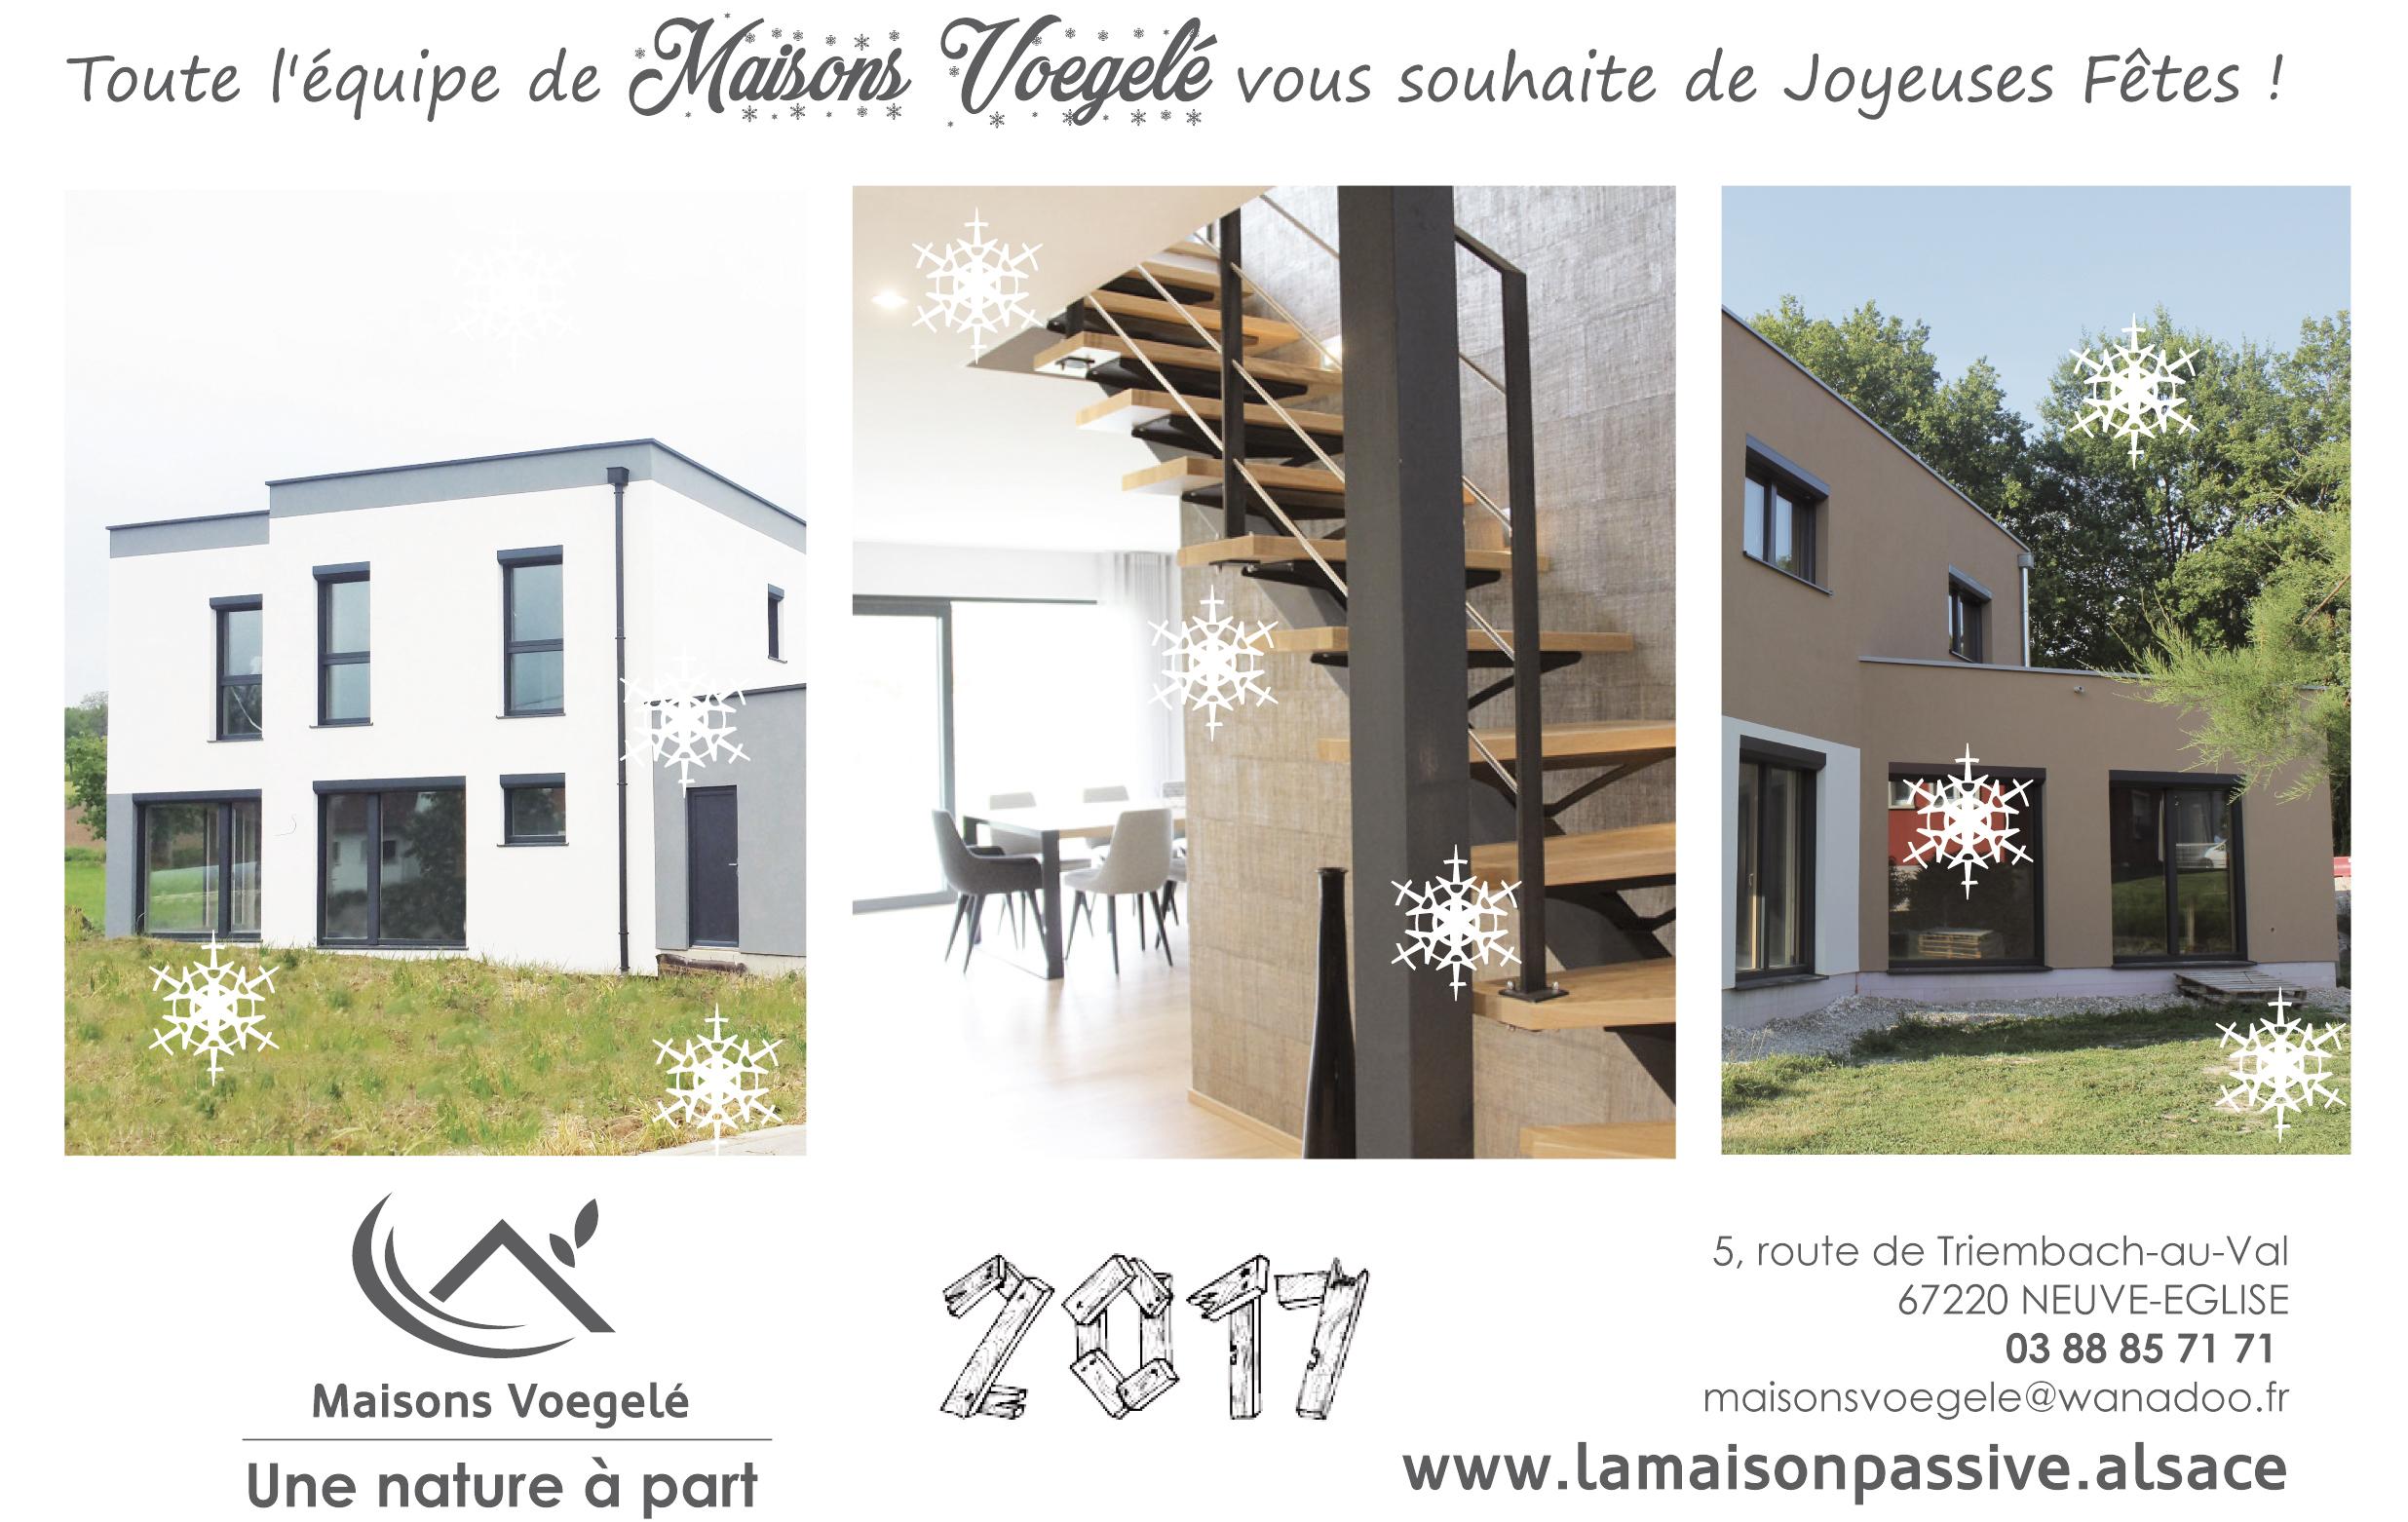 Carte de voeux maison 20170629095533 - Carte de voeux maison ...